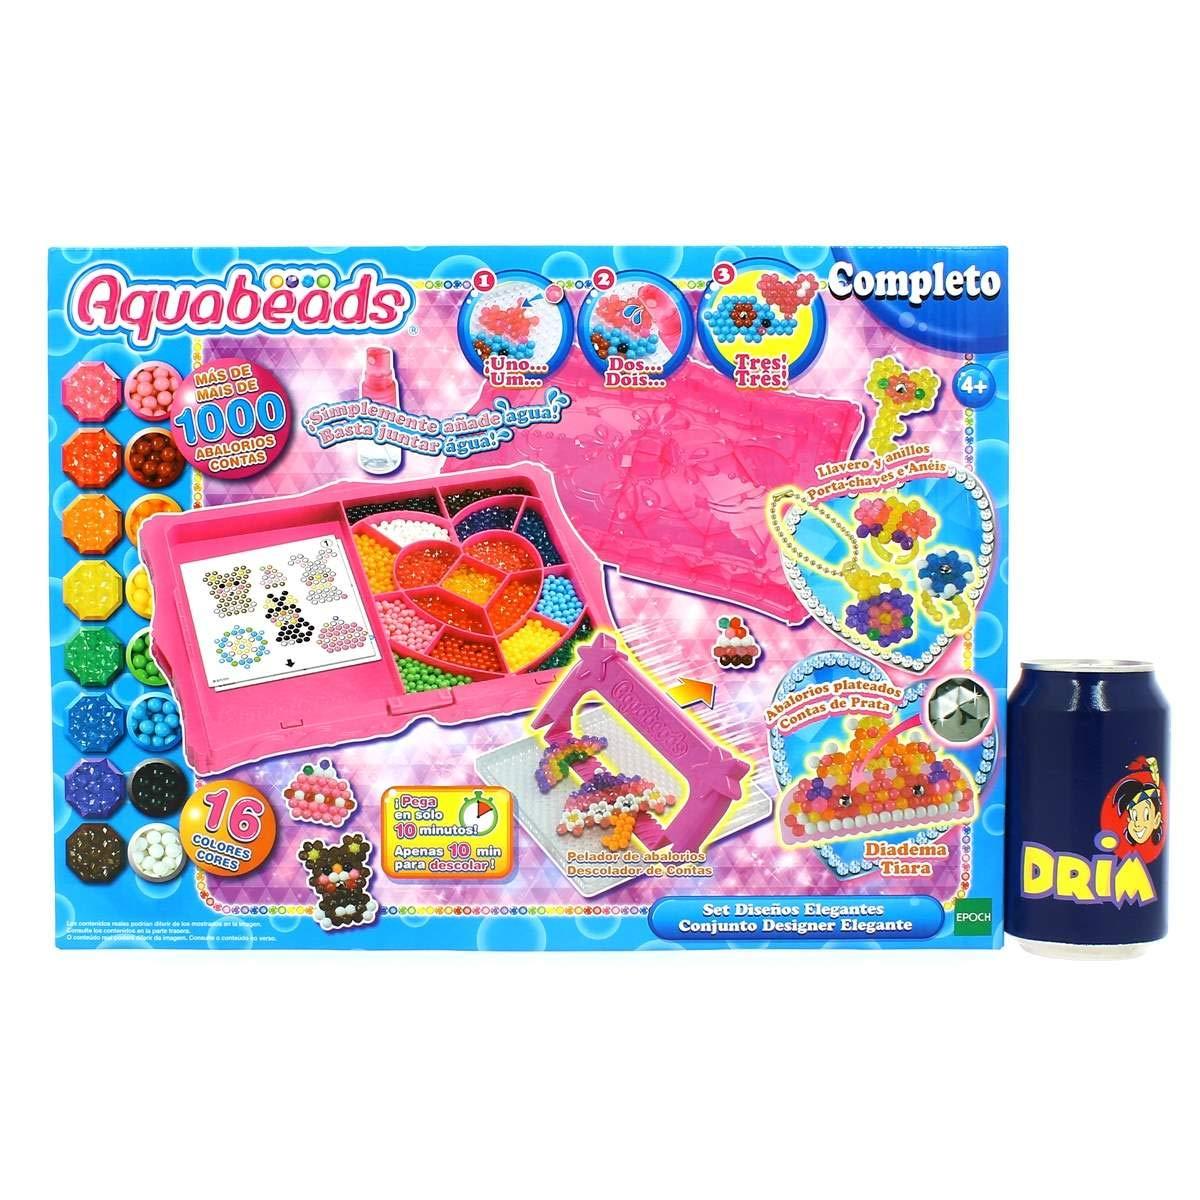 Aquabeads- Abalorios y accesorios. Actividad Creativa, Multicolor (Epoch para Imaginar) , color/modelo surtido: Amazon.es: Juguetes y juegos